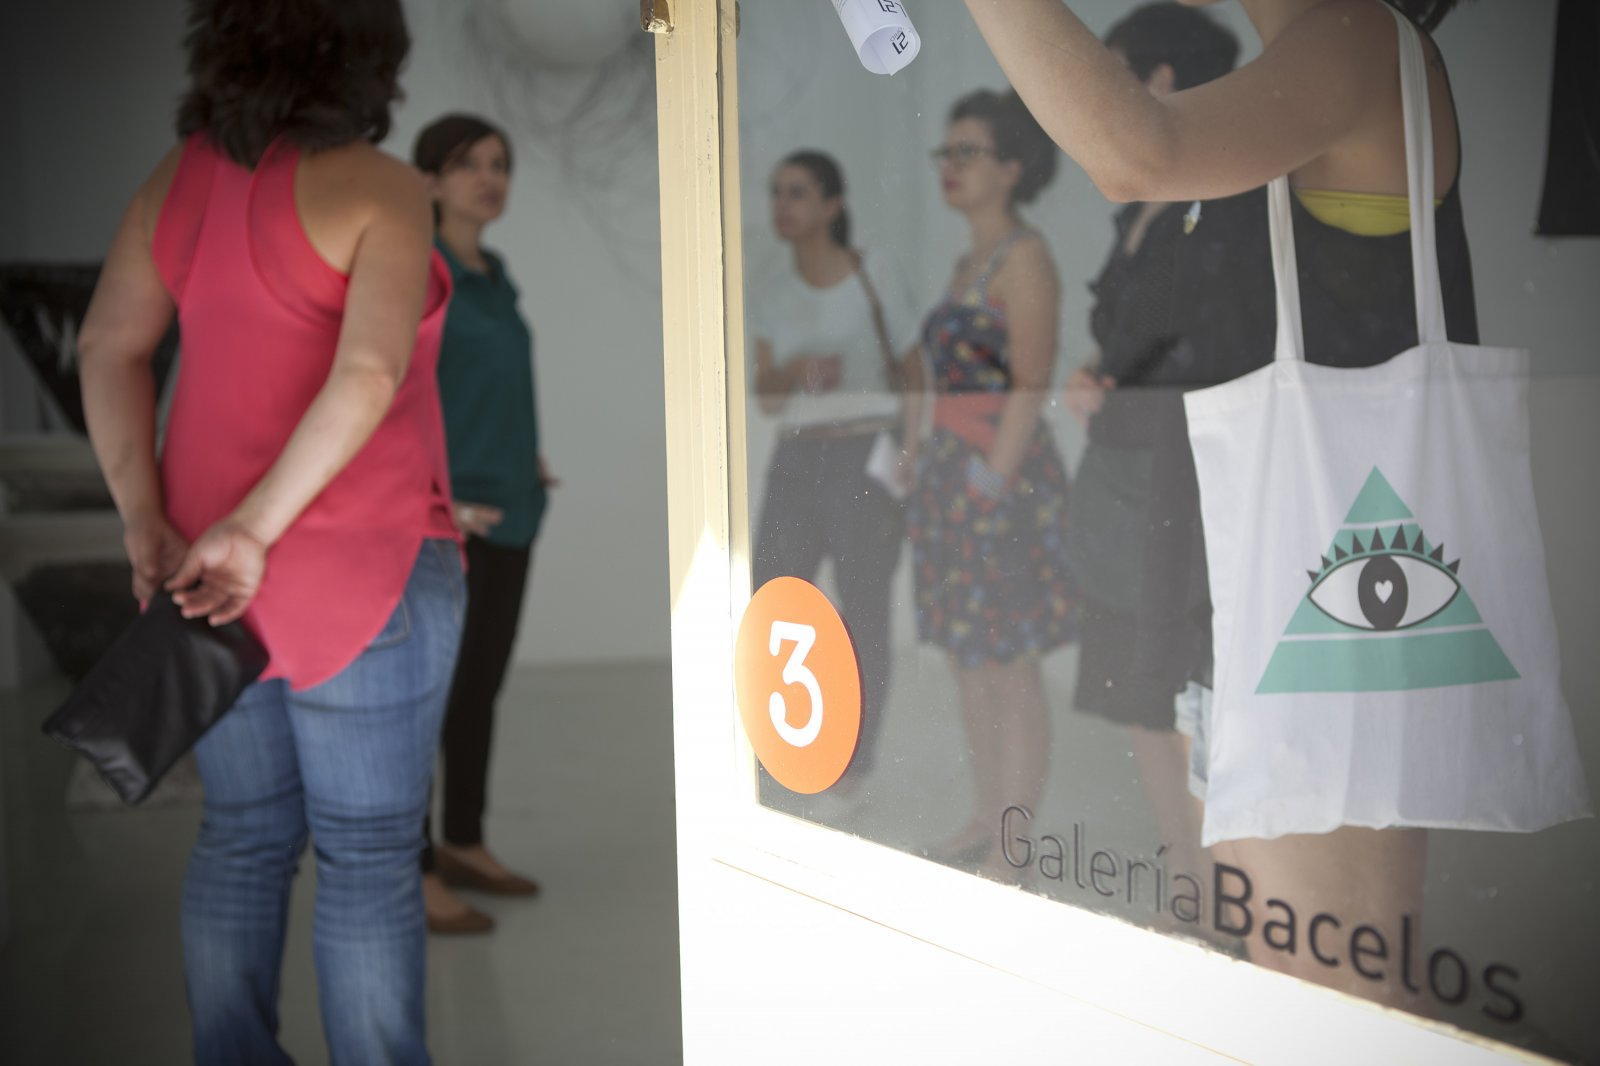 7.Entrada A La Galería Bacelos. Expo \'Pareidolia\'